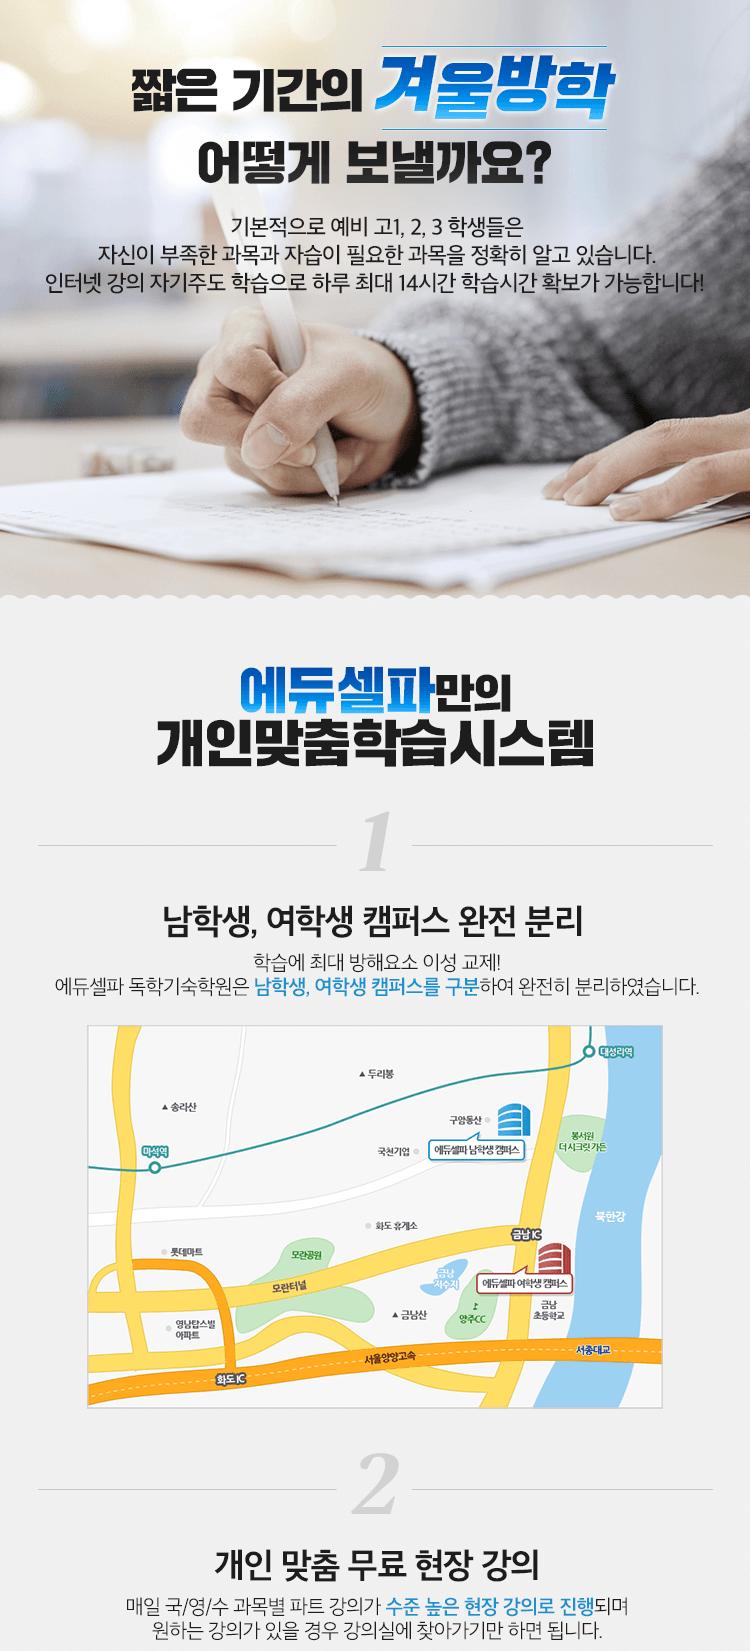 에듀셀파 독학기숙학원 윈터스쿨 소개 모바일